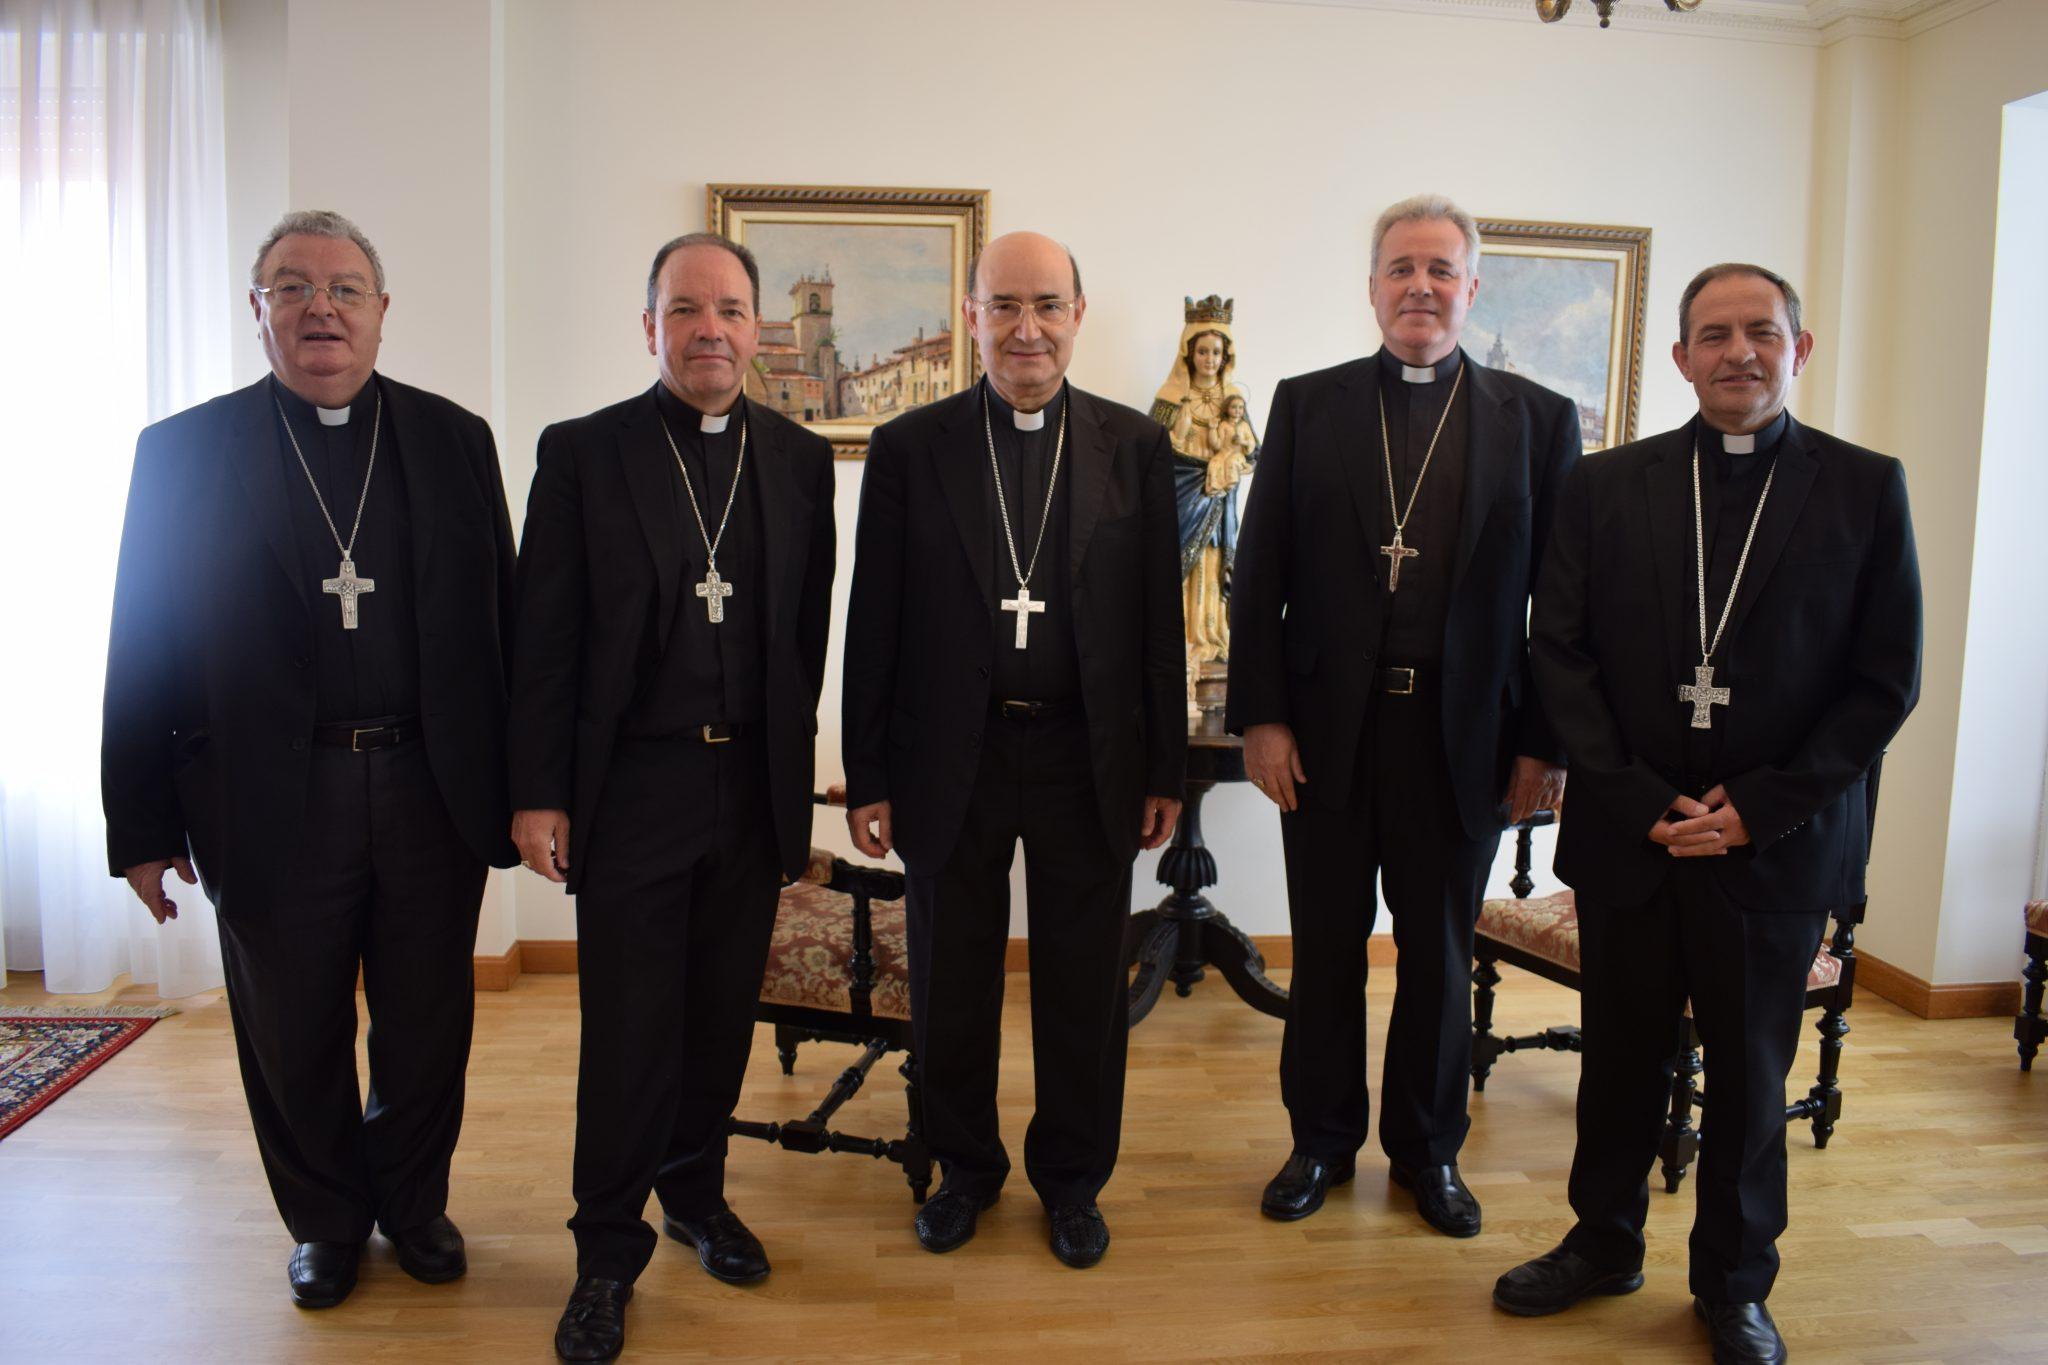 Instantánea de los obispos de la provincia eclesiástica de Burgos hoy en Vitoria.